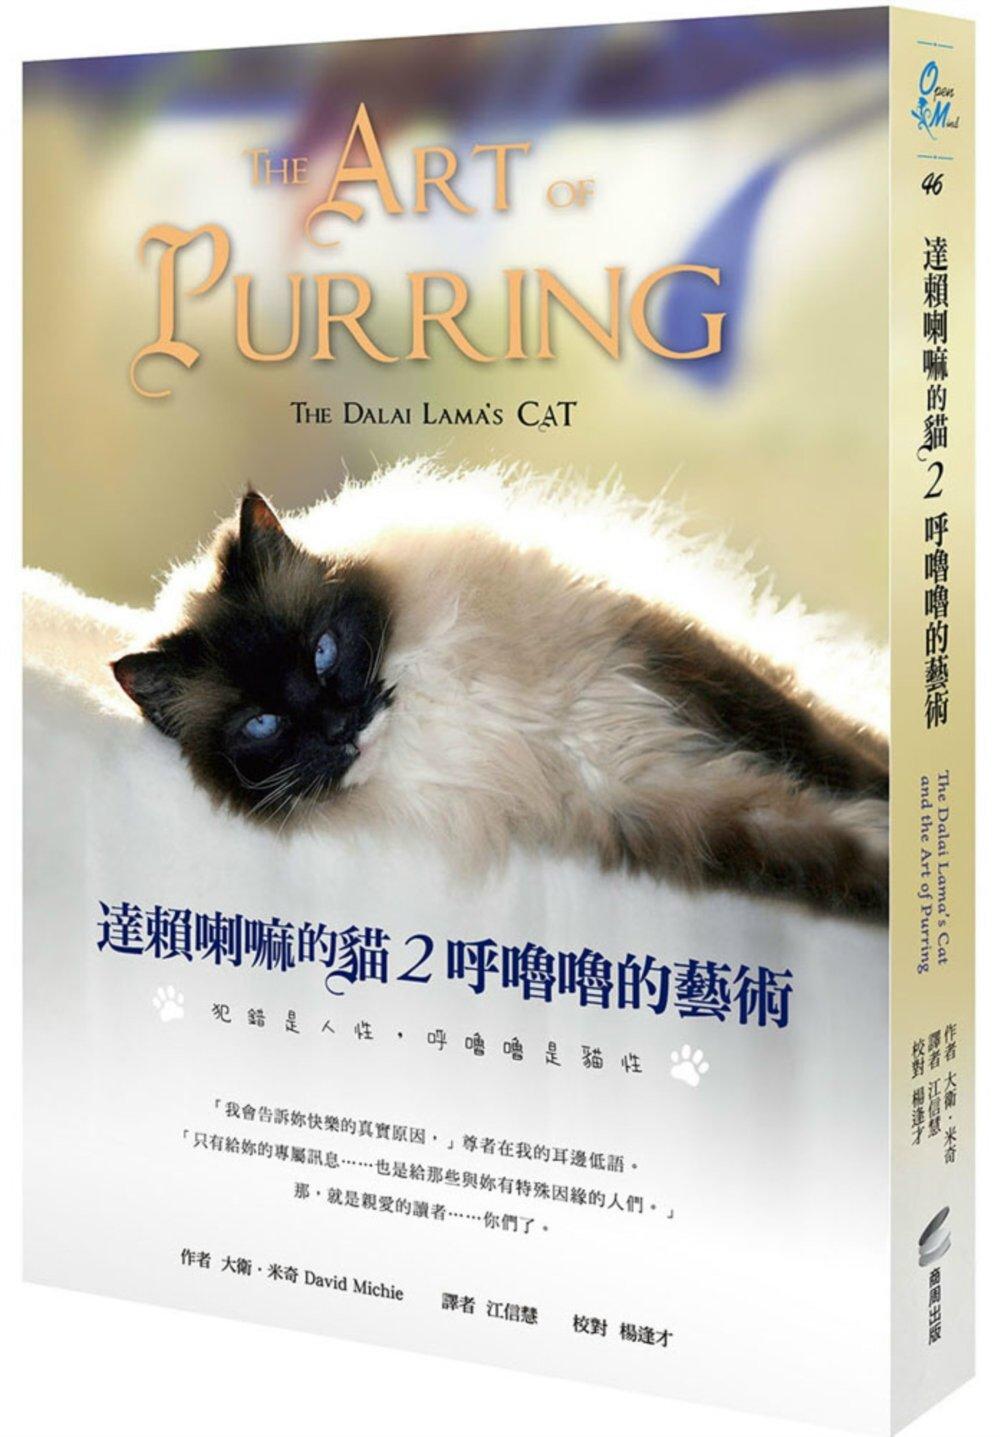 達賴喇嘛的貓 2 呼嚕嚕的藝術